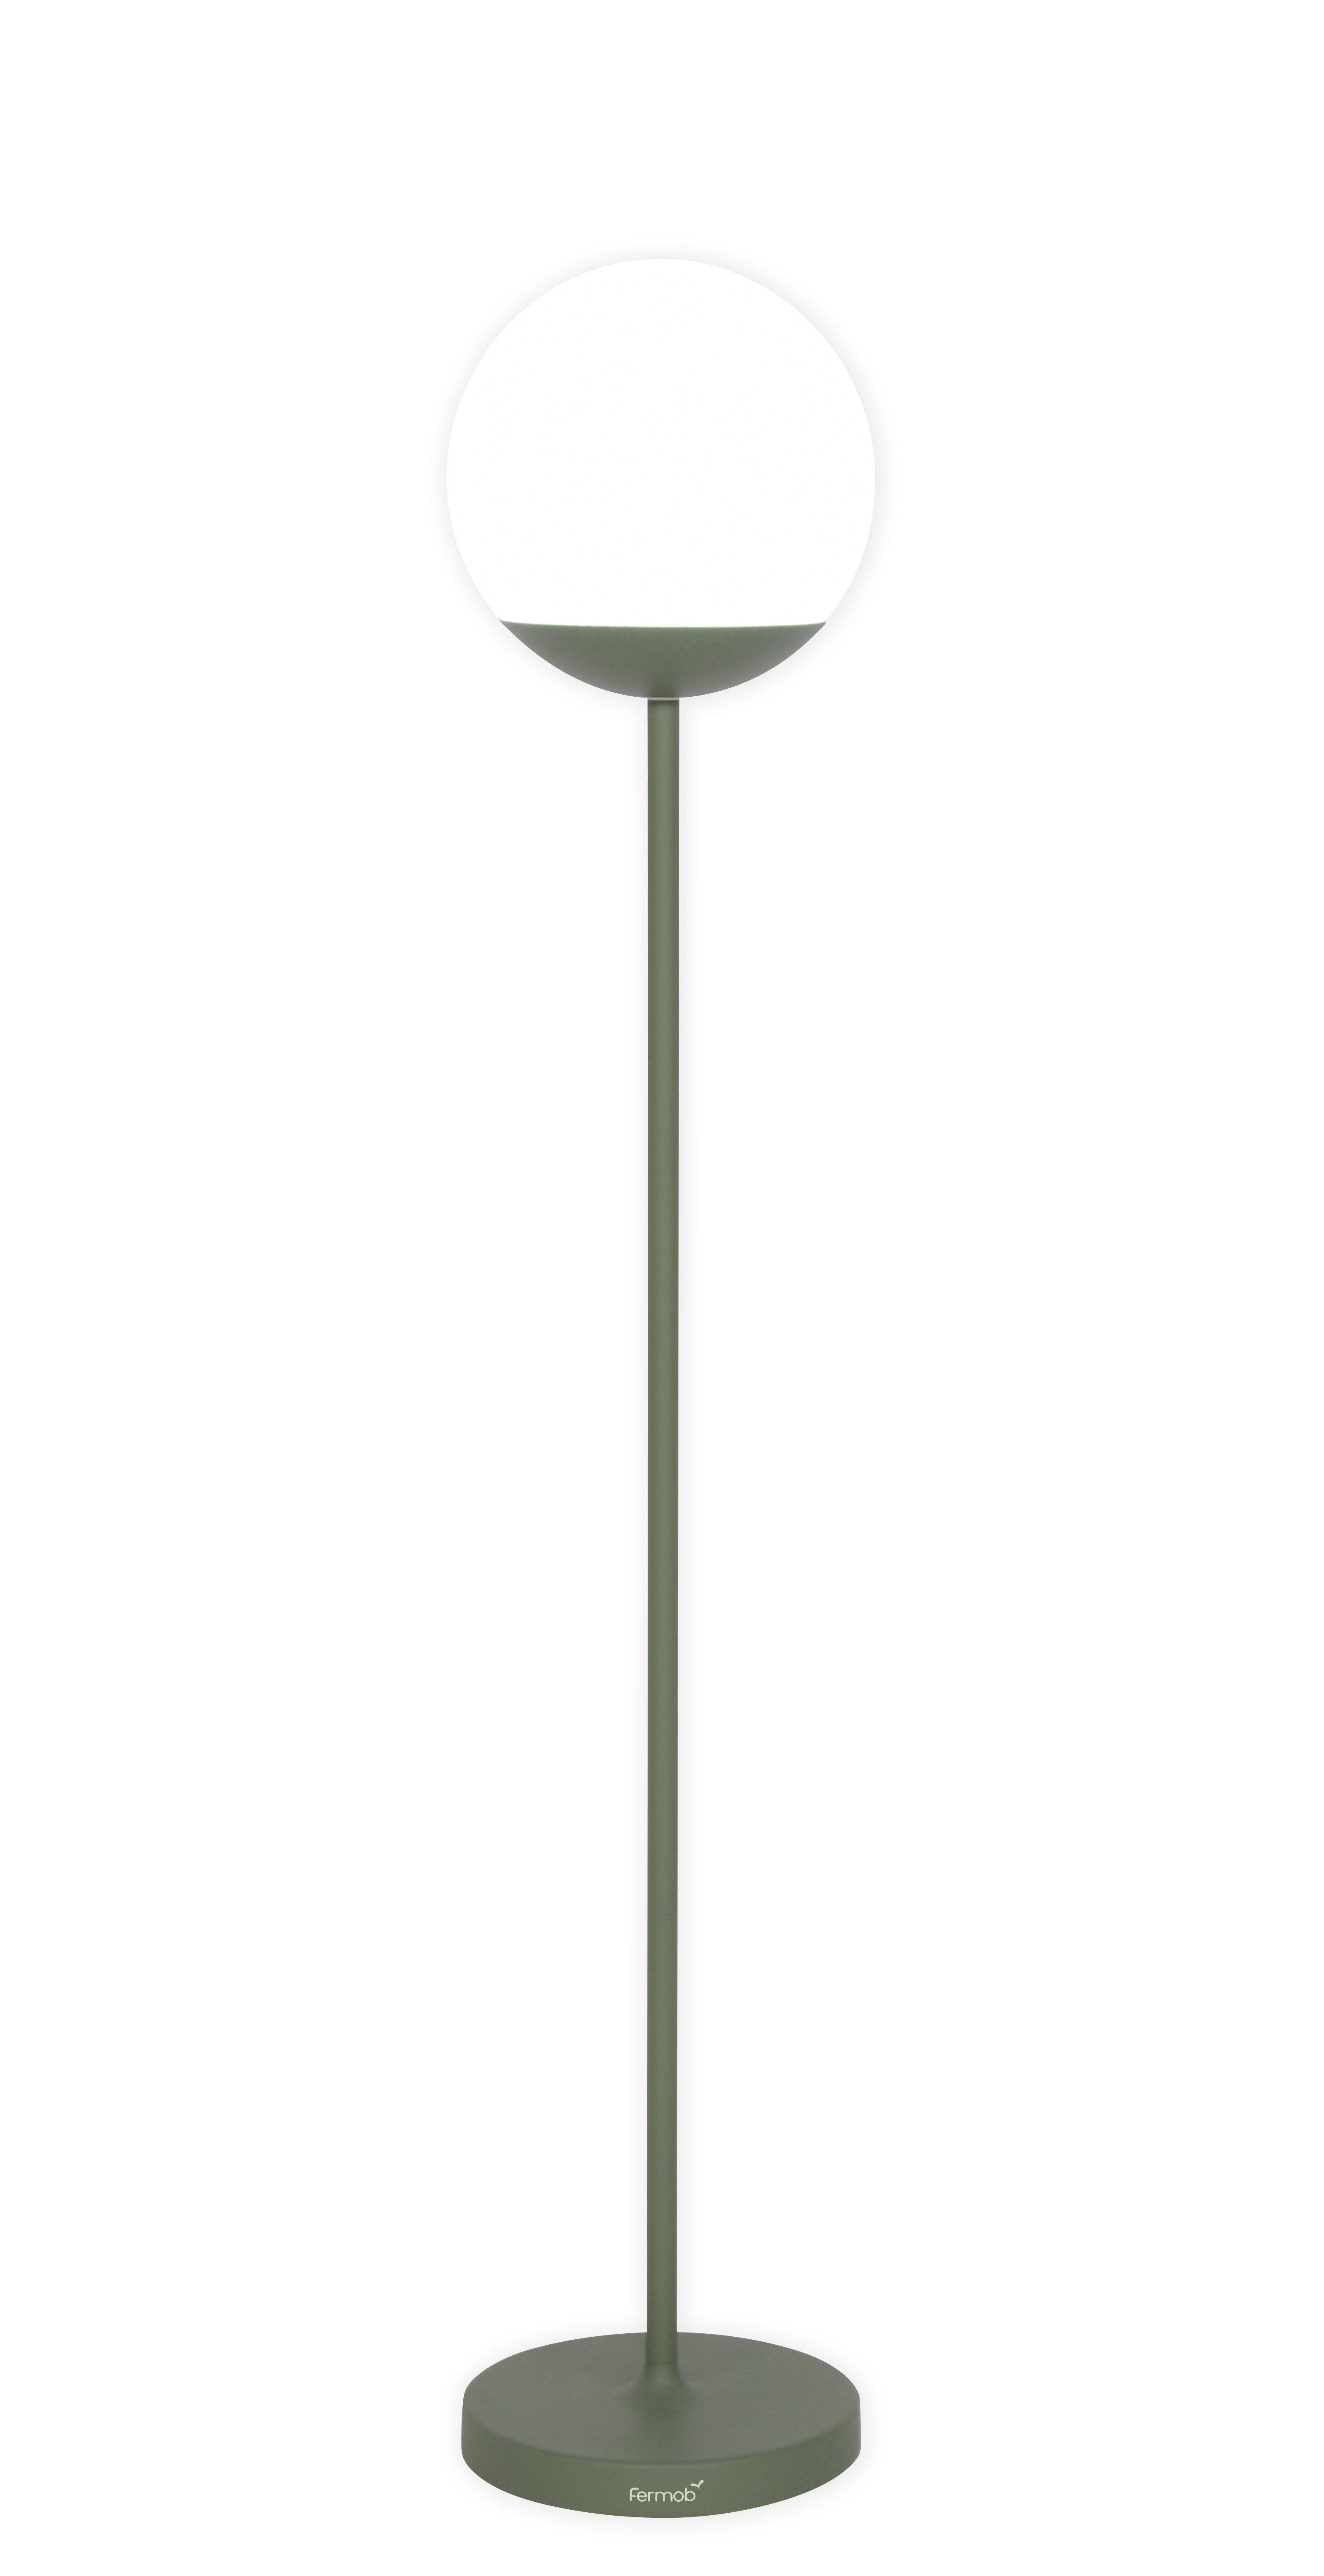 Illuminazione - Lampade da terra - Lampada a stelo senza fili Mooon! LED - / Wireless - H 134 cm di Fermob - Cactus - Alluminio, Polietilene